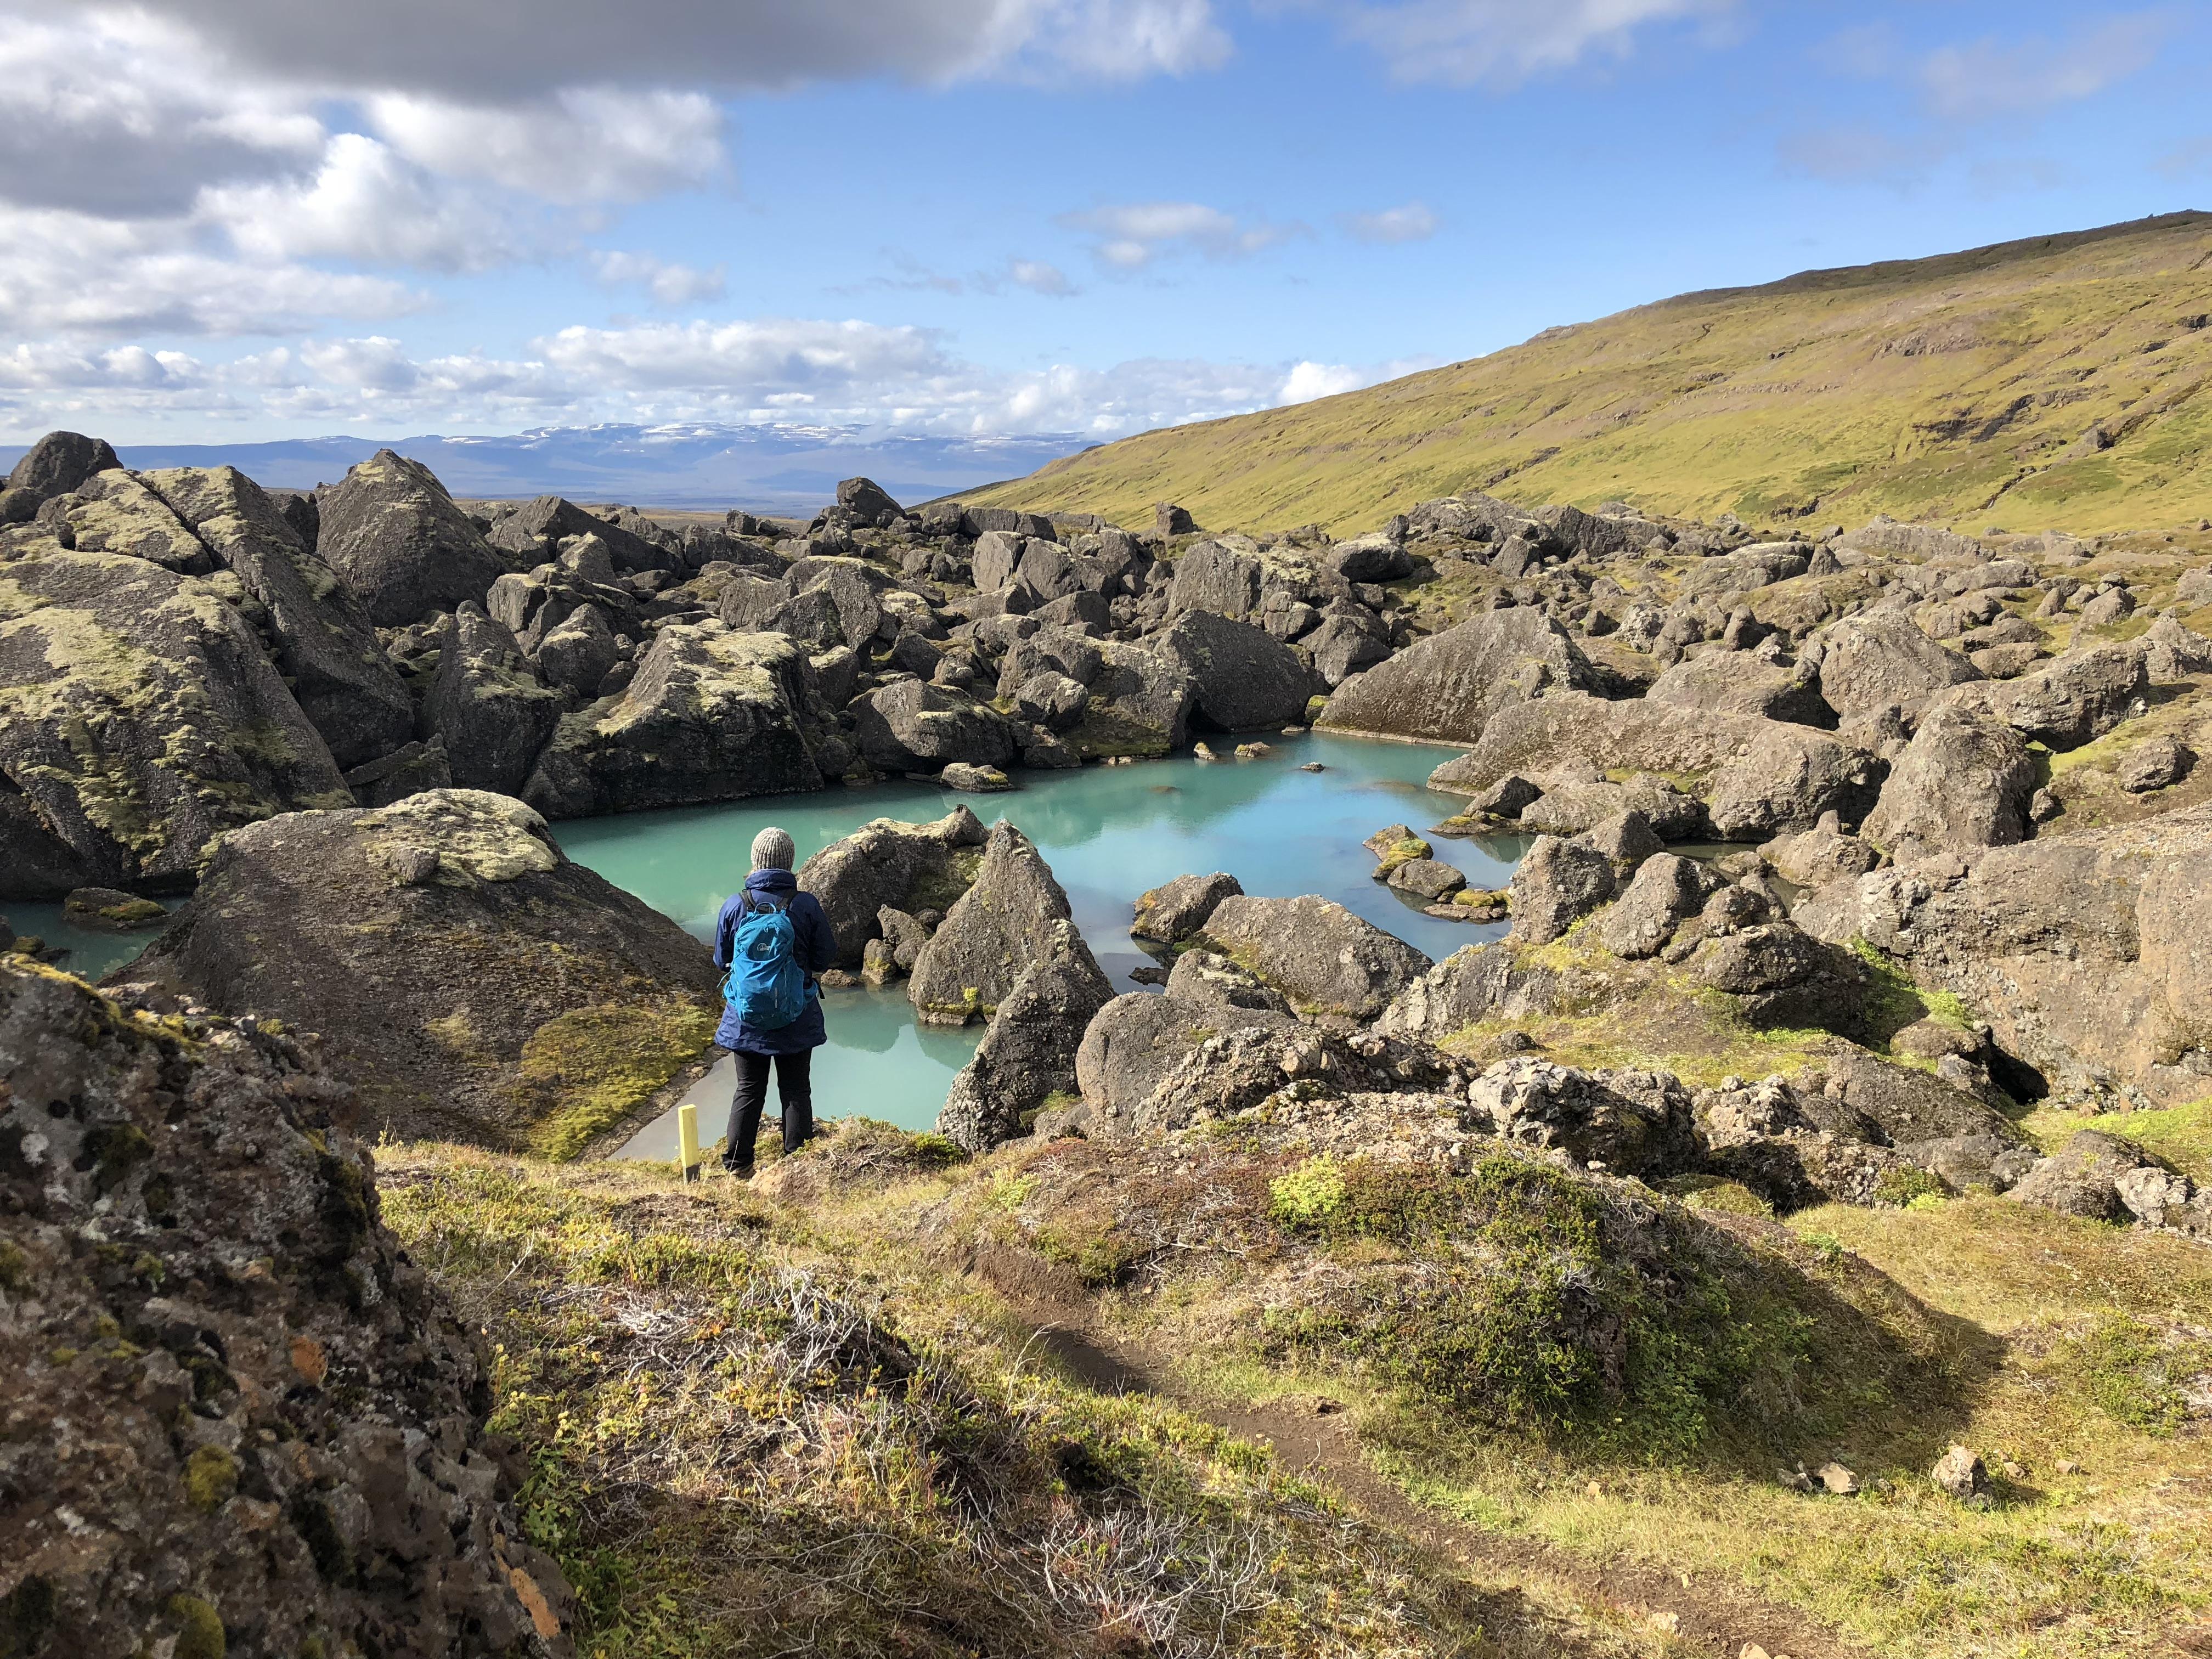 Chemin de randonnée Stórurð dans les Hautes Terres de l'est.